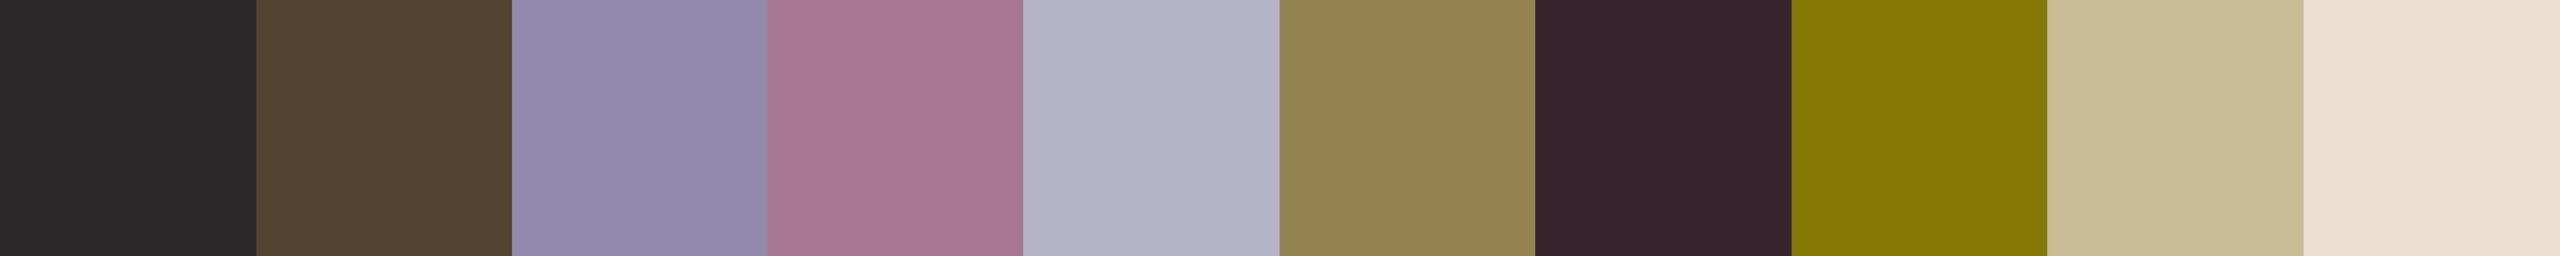 664 Zistela Color Palette